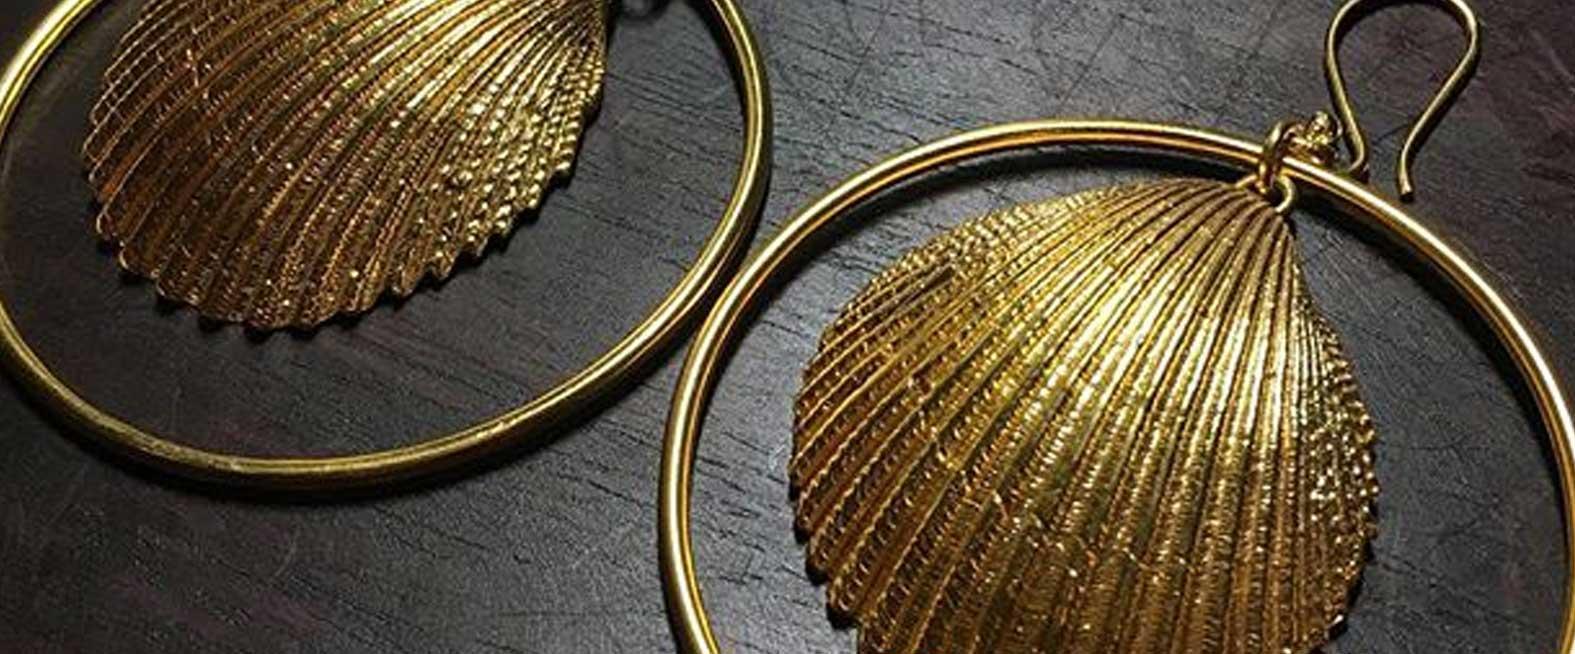 Tajoowelry